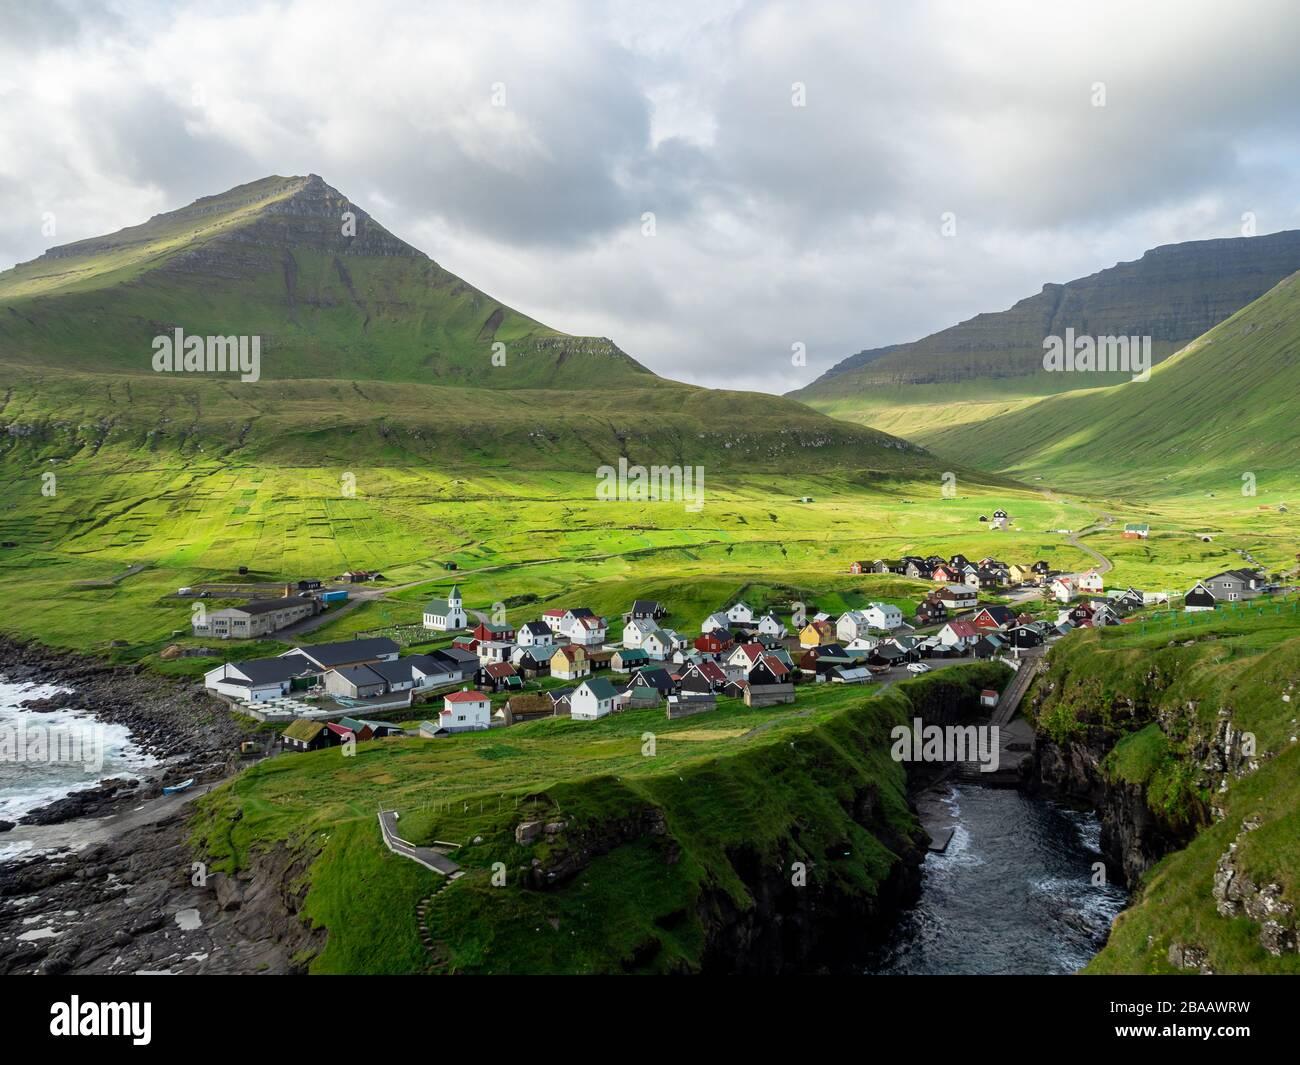 Garganta del puerto natural cerca de la idílica aldea Gjogv, la mayoría del pueblo norte de Eysturoy de las Islas Feroe. Foto de stock